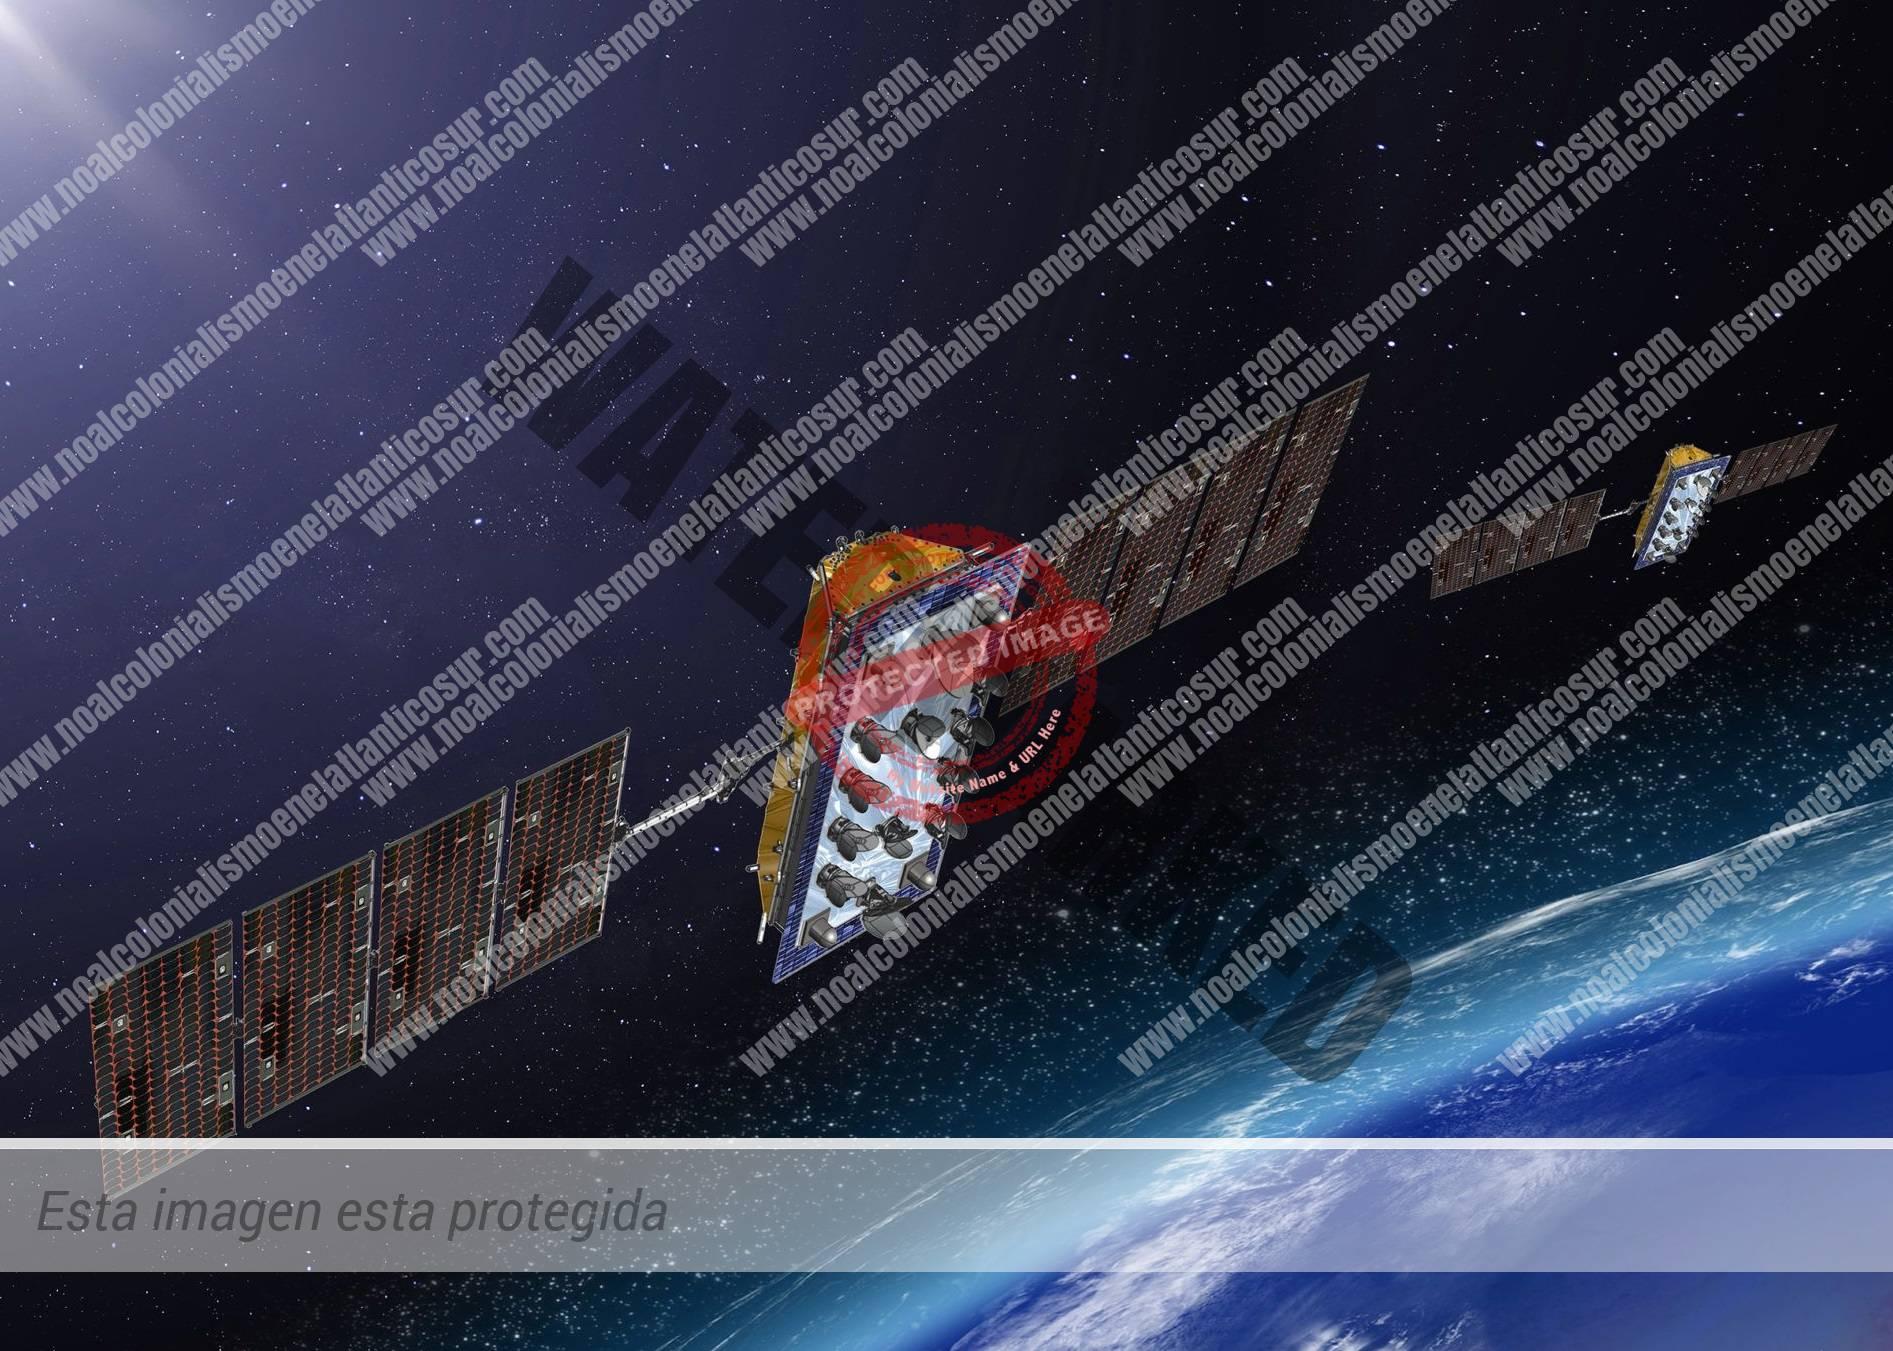 Malvinas Prueba Terreno Para Sistema Satelital Que Podria Revolucionar La Conectividad Movil No Al Colonialismo En El Atlantico Sur